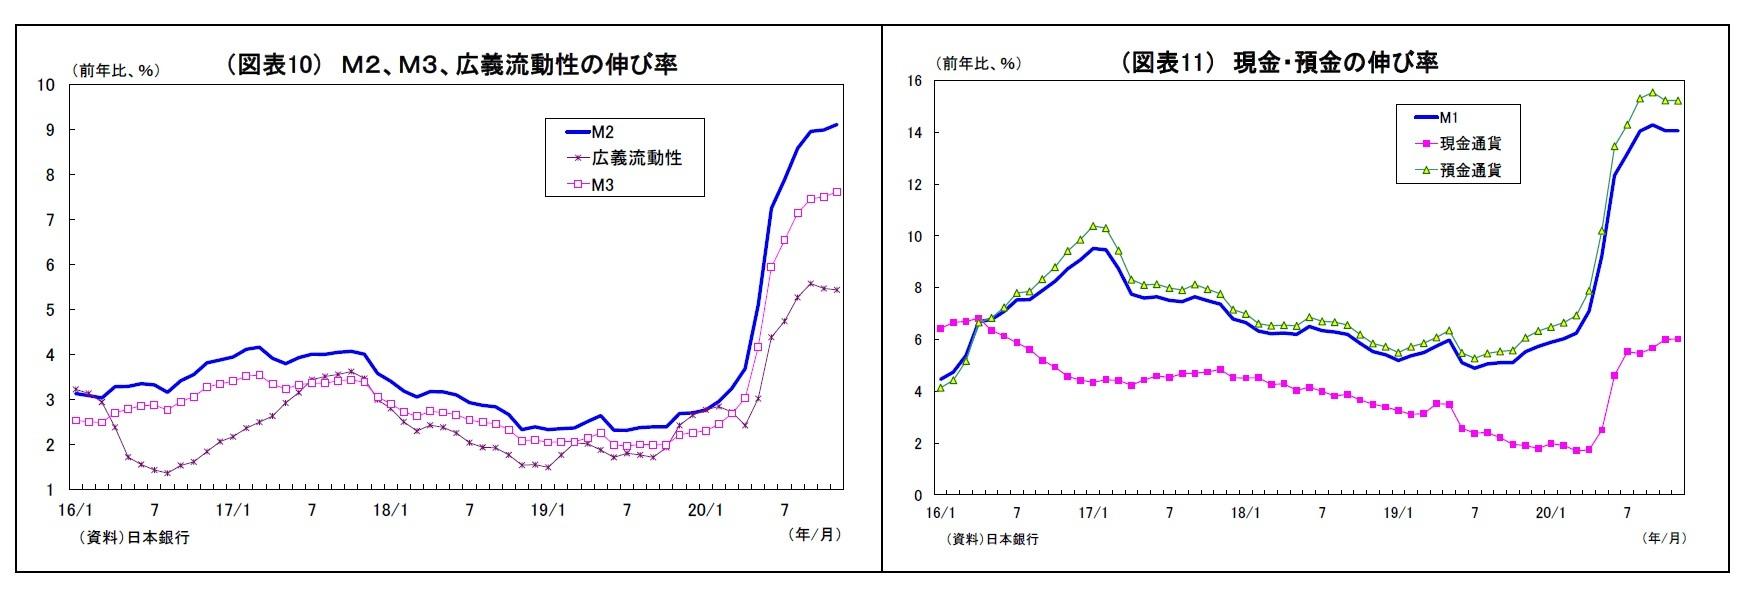 (図表10) M2、M3、広義流動性の伸び率/M1  現金通貨  預金通貨  (前年比、%)